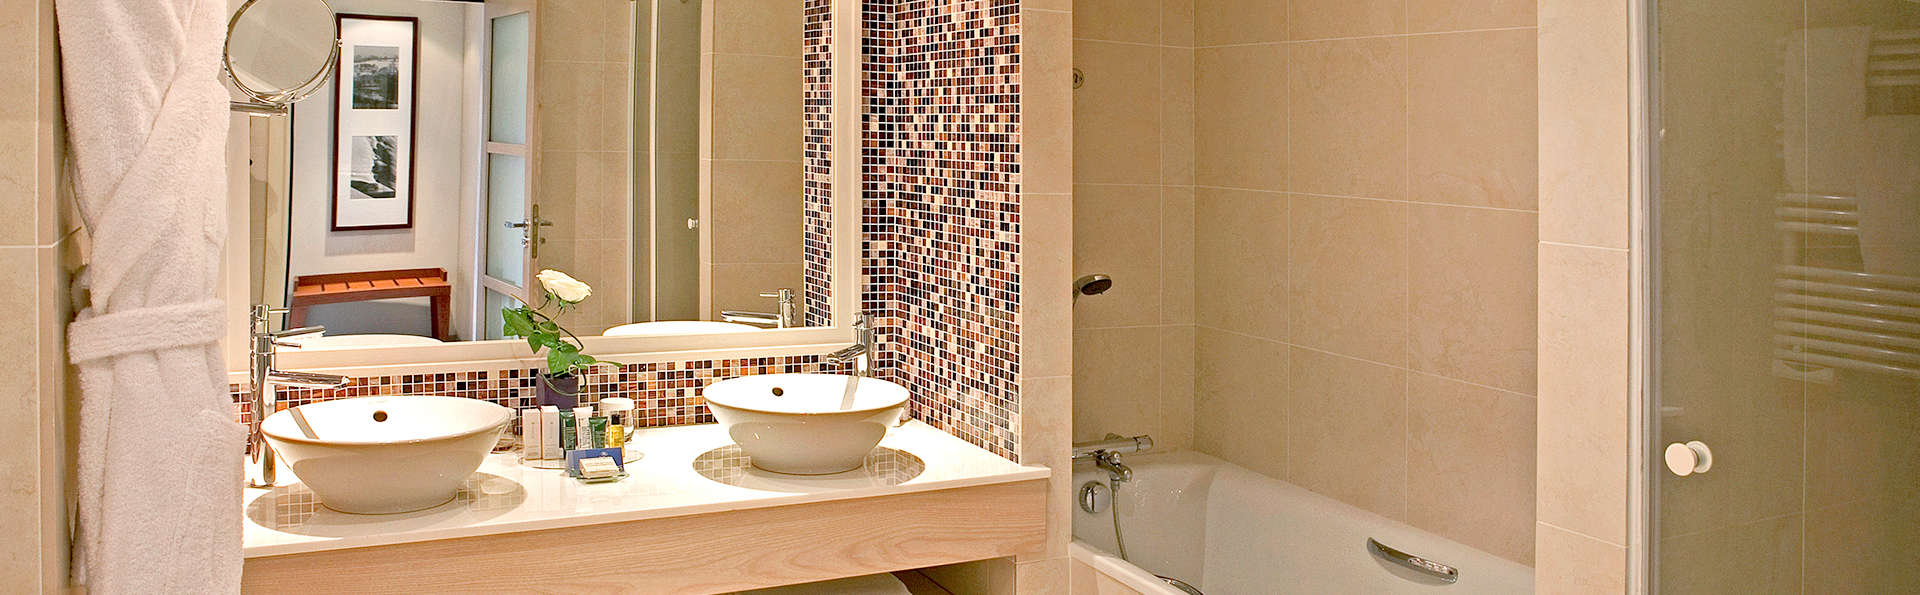 Salle De Bain Hilton ~ hilton vian les bains 4 evian les bains france